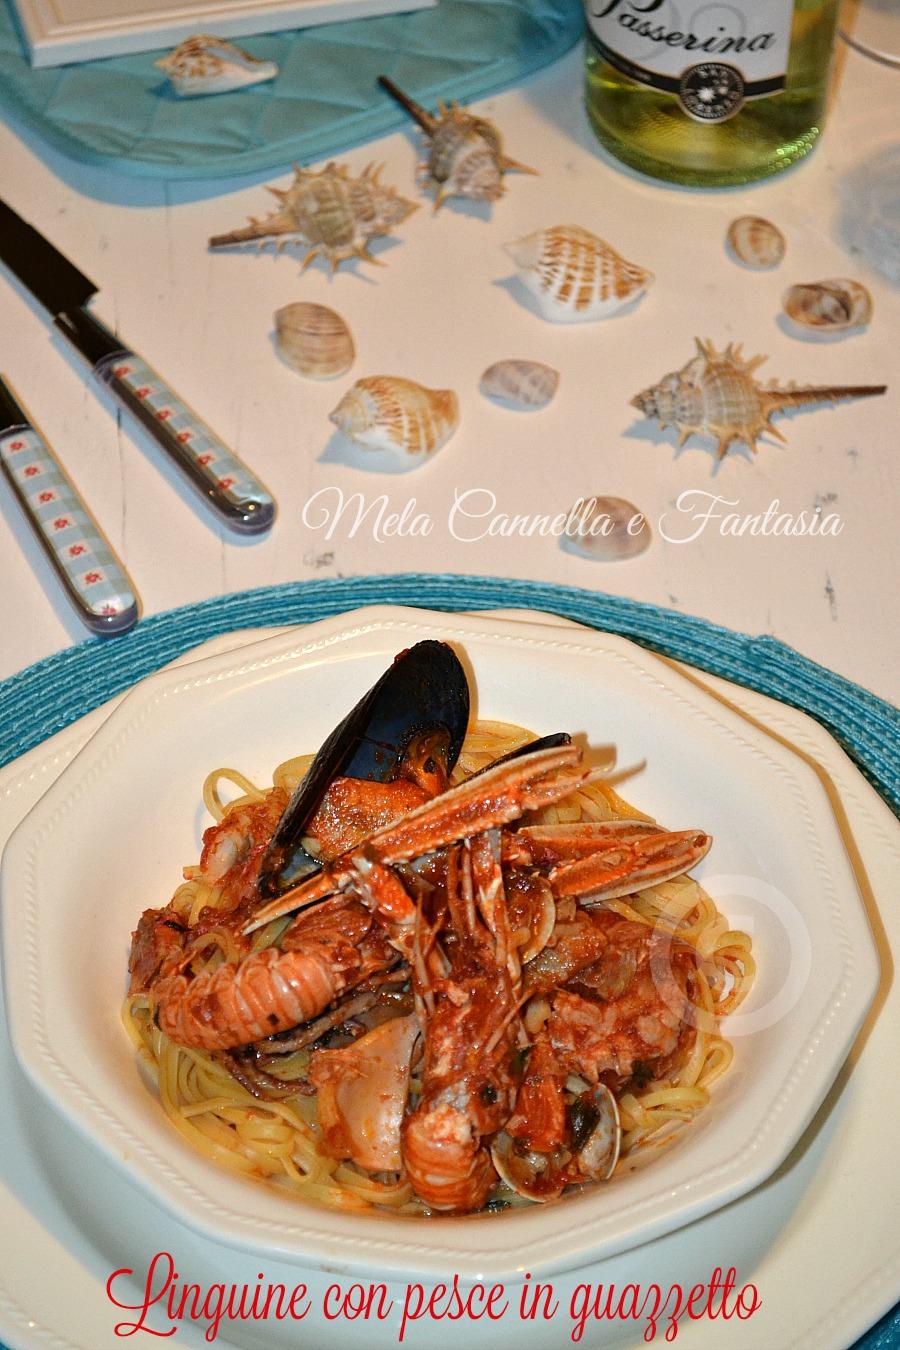 Linguine con pesce in guazzetto